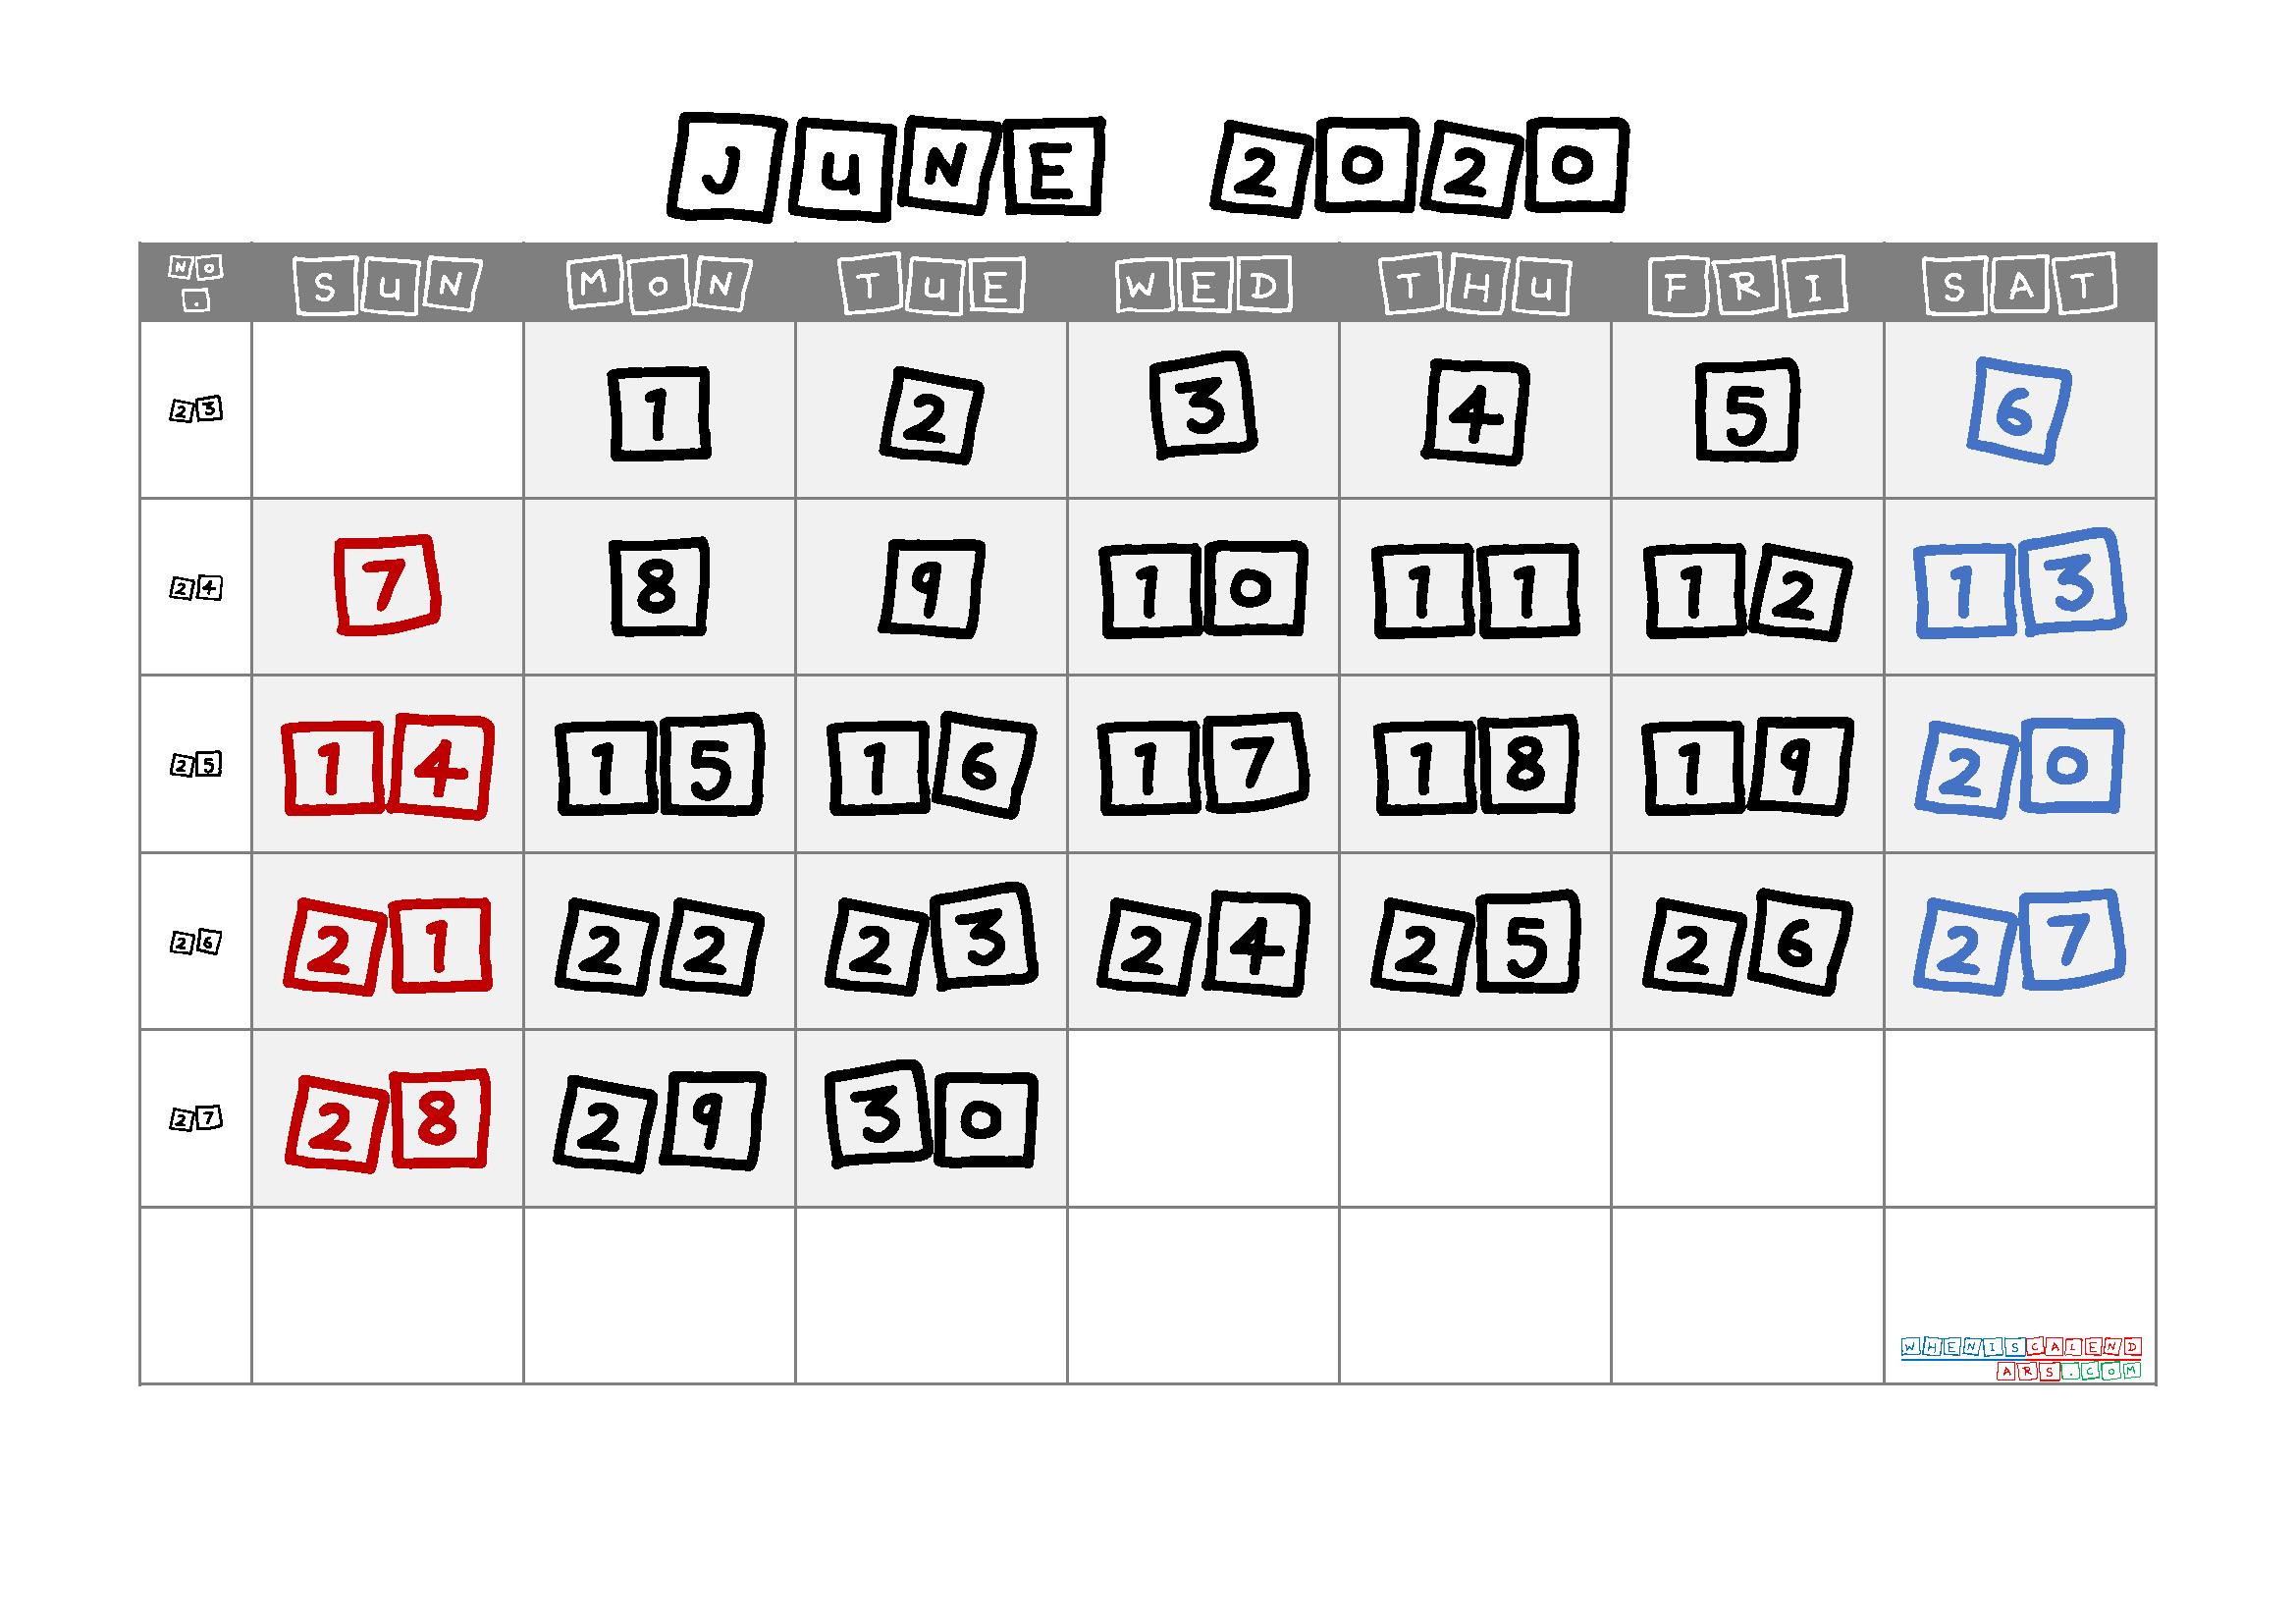 June 2020 Printable Calendar with Week Numbers